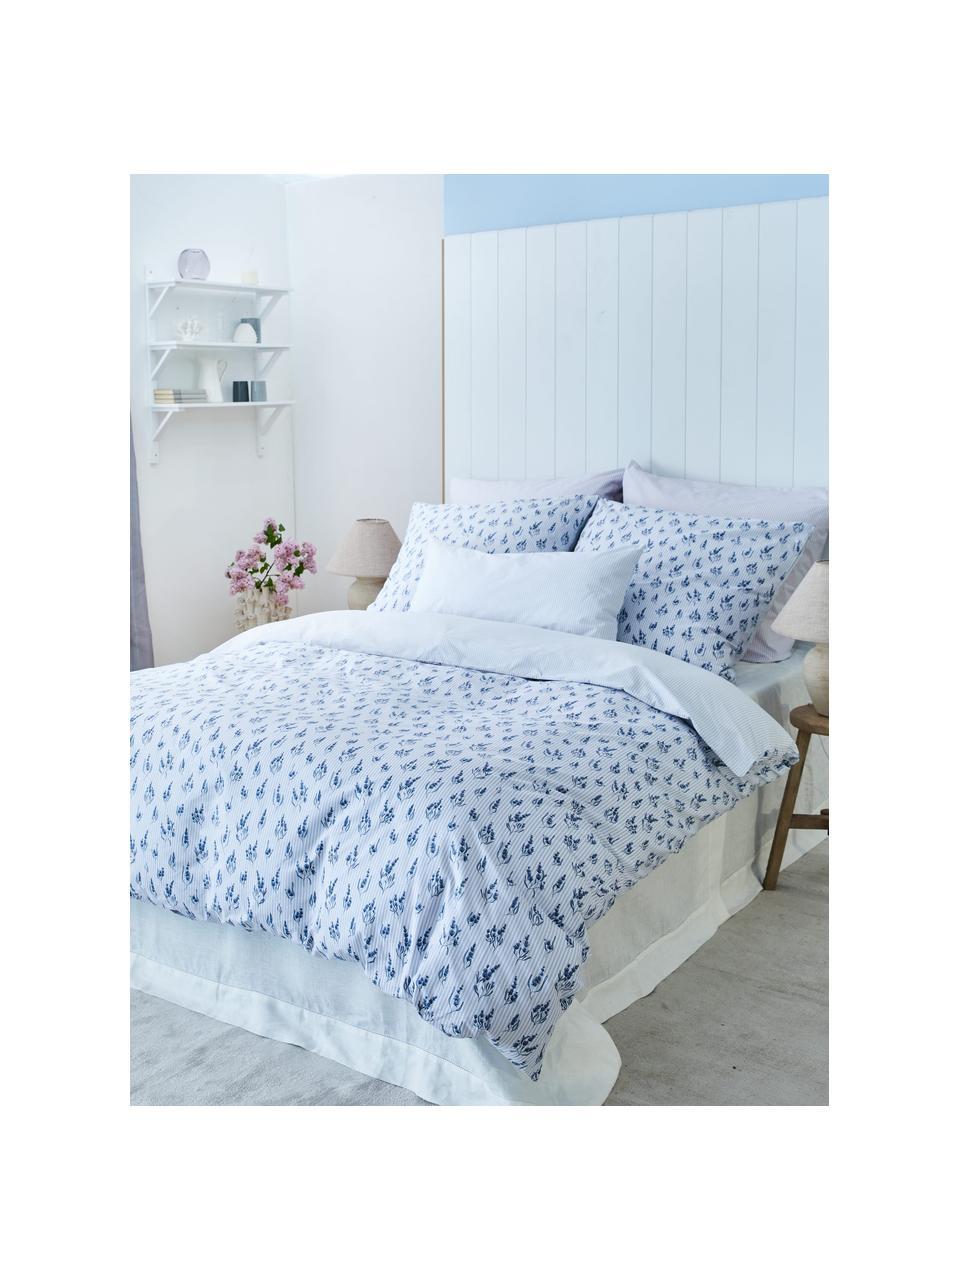 Baumwoll-Bettwäsche Yane mit Blümchen/gestreift, Webart: Renforcé Fadendichte 144 , Blau, Weiß, 240 x 220 cm + 2 Kissen 80 x 80 cm